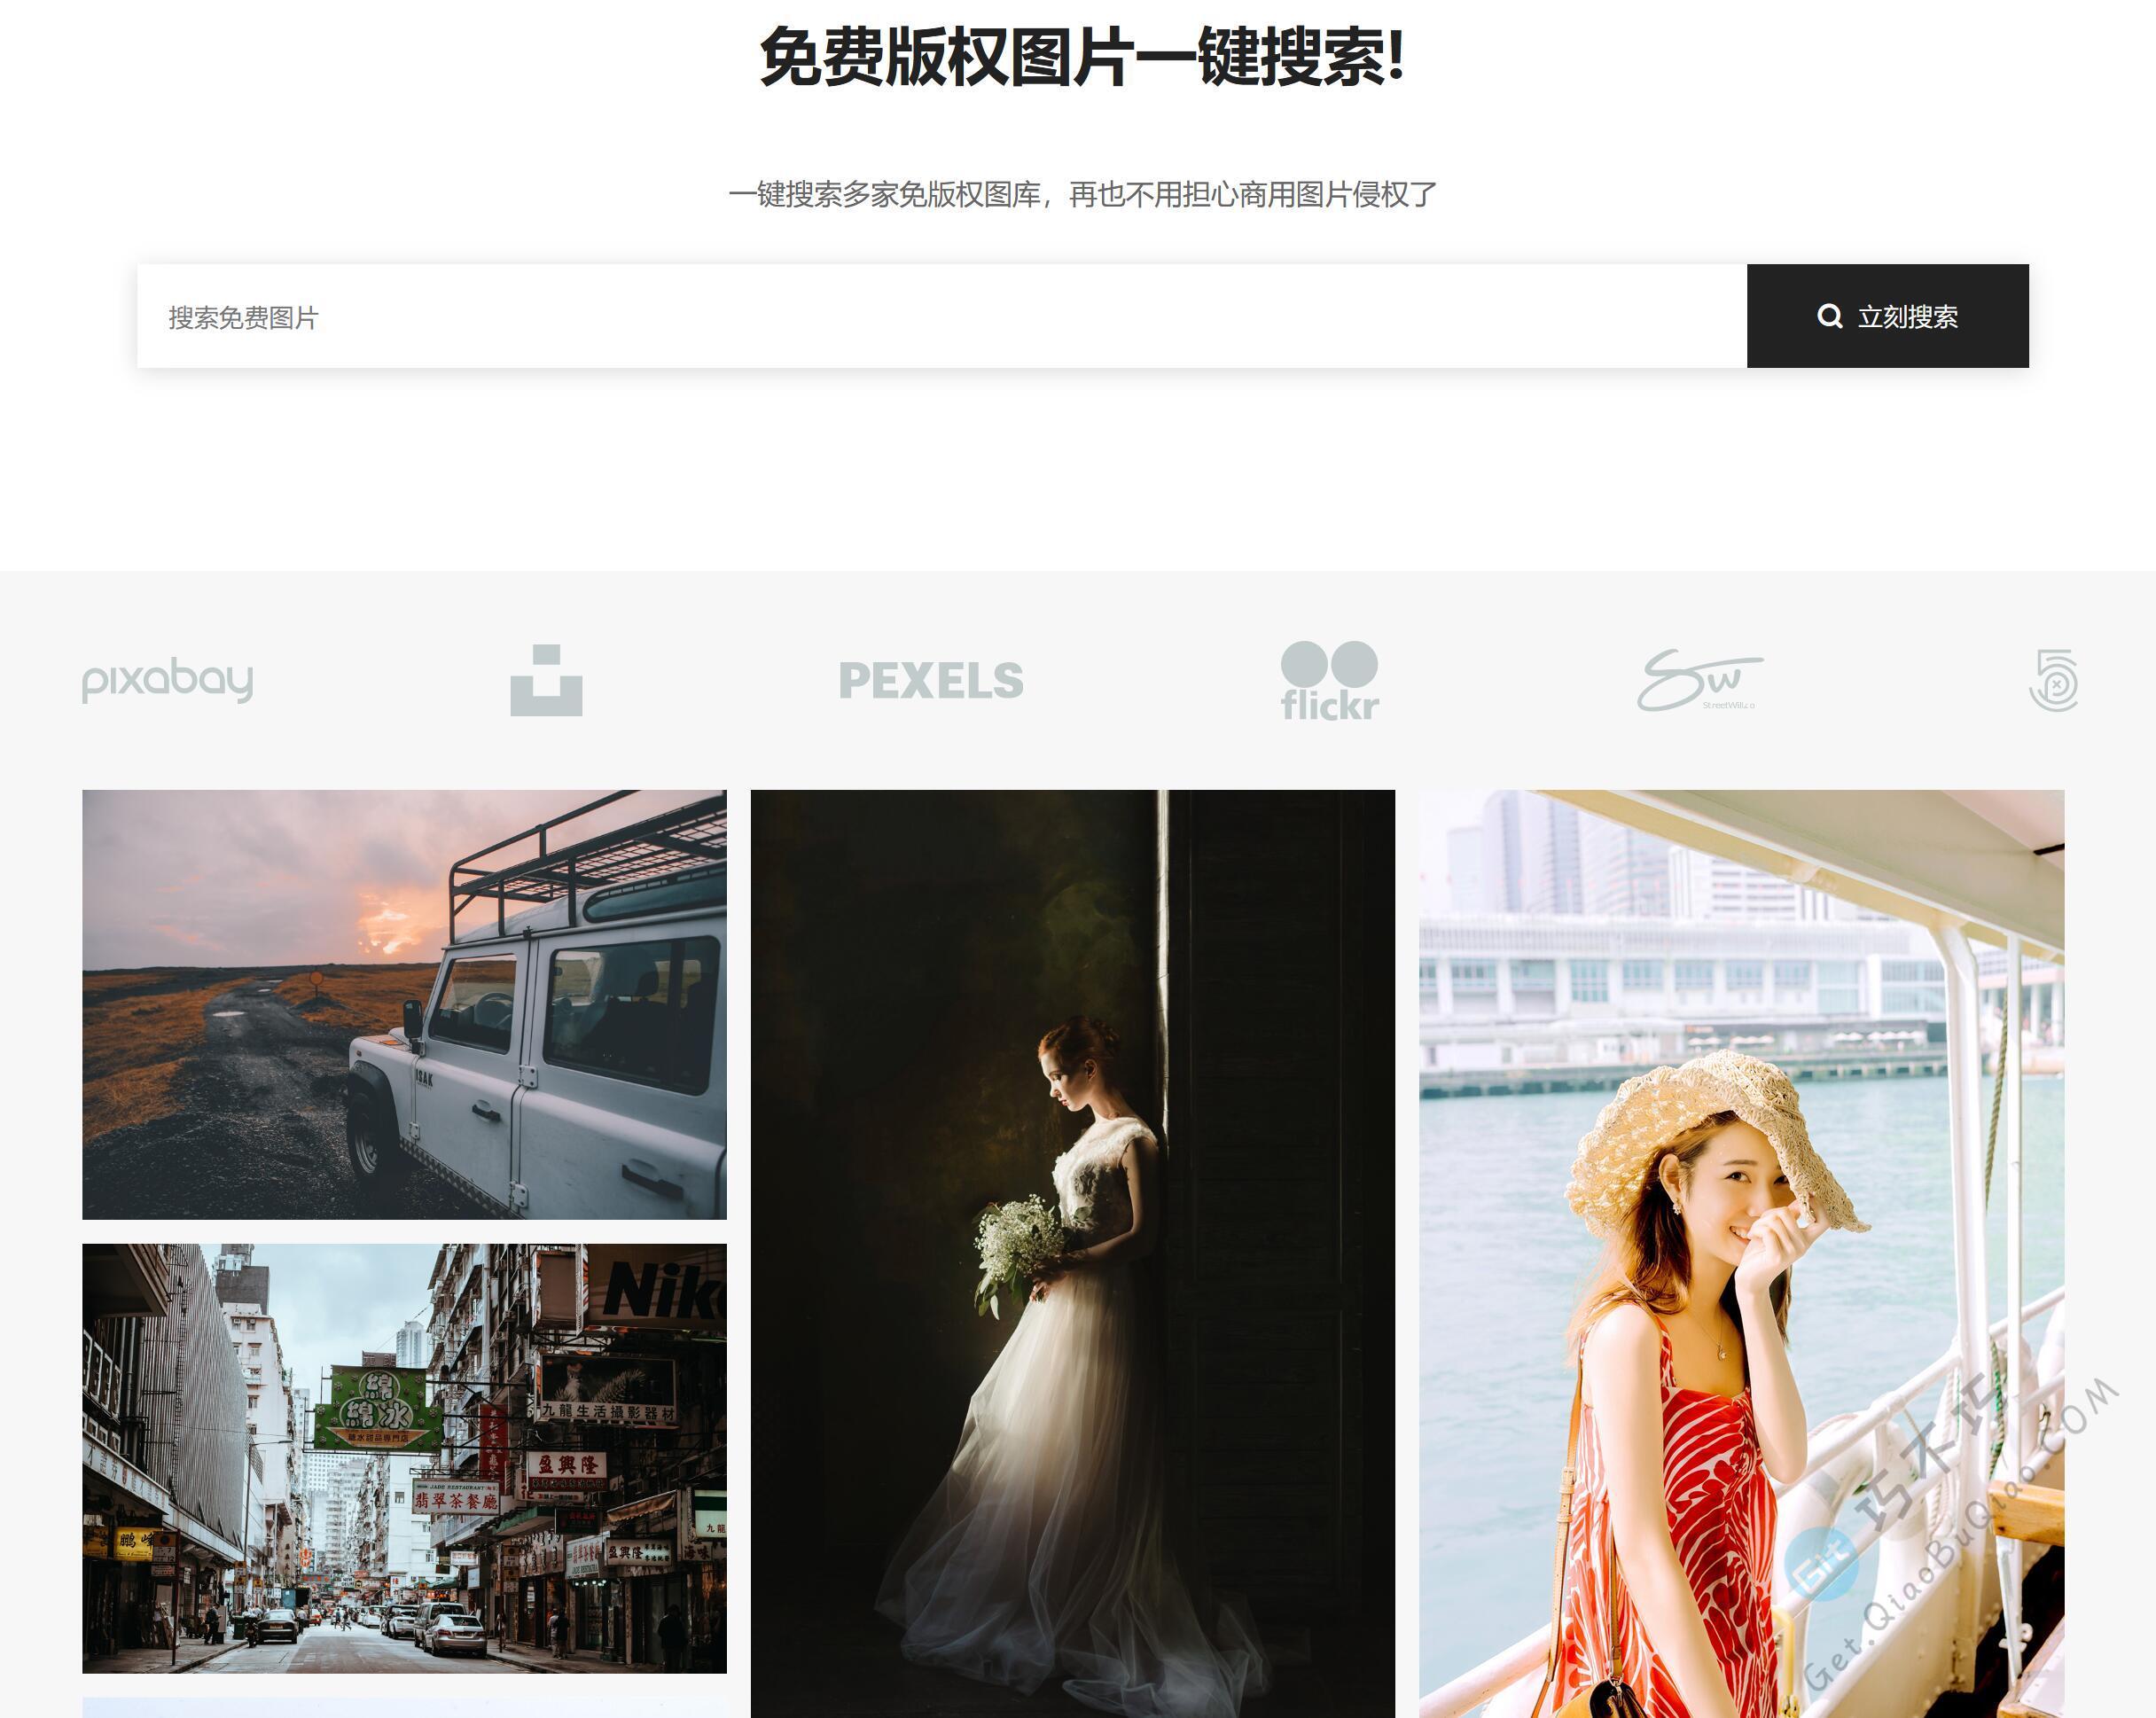 免费!可商用超清图片、桌面壁纸、摄影照片、配图搜索下载网站